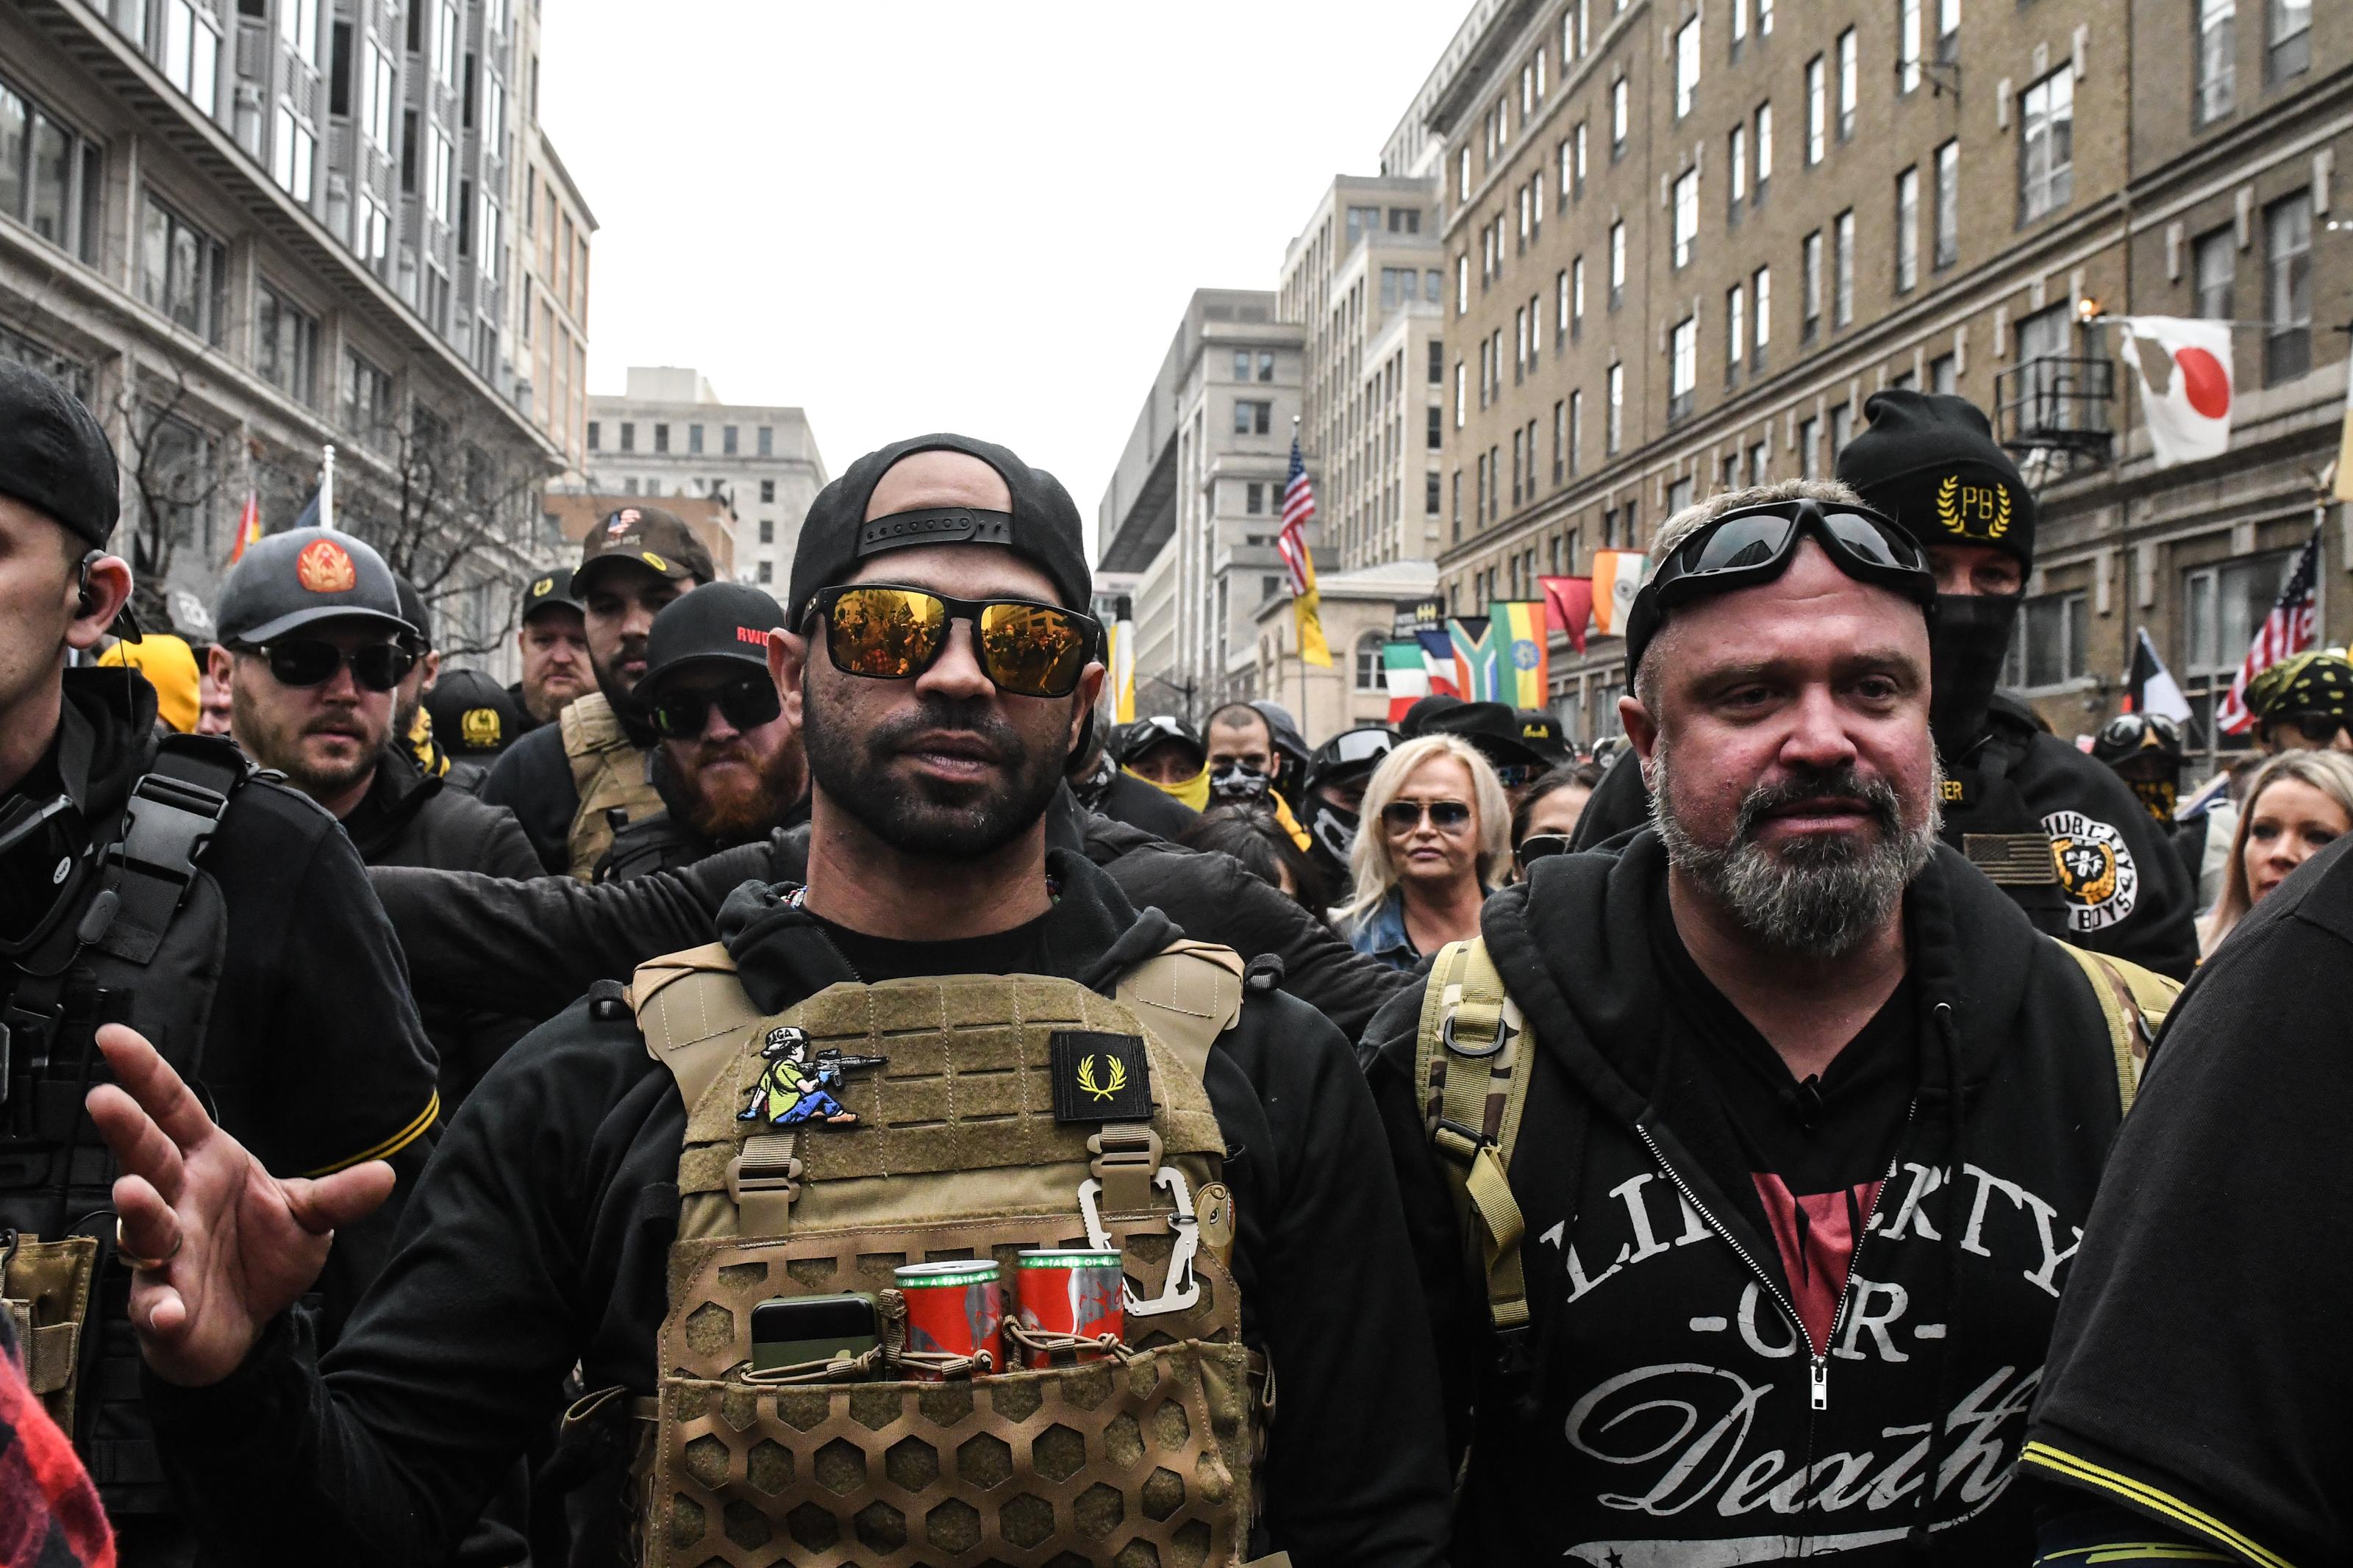 Letartóztatták a neofasiszta Proud Boys vezetőjét, miután egy washingtoni tüntetésen elégetett egy Black Lives Matter zászlót